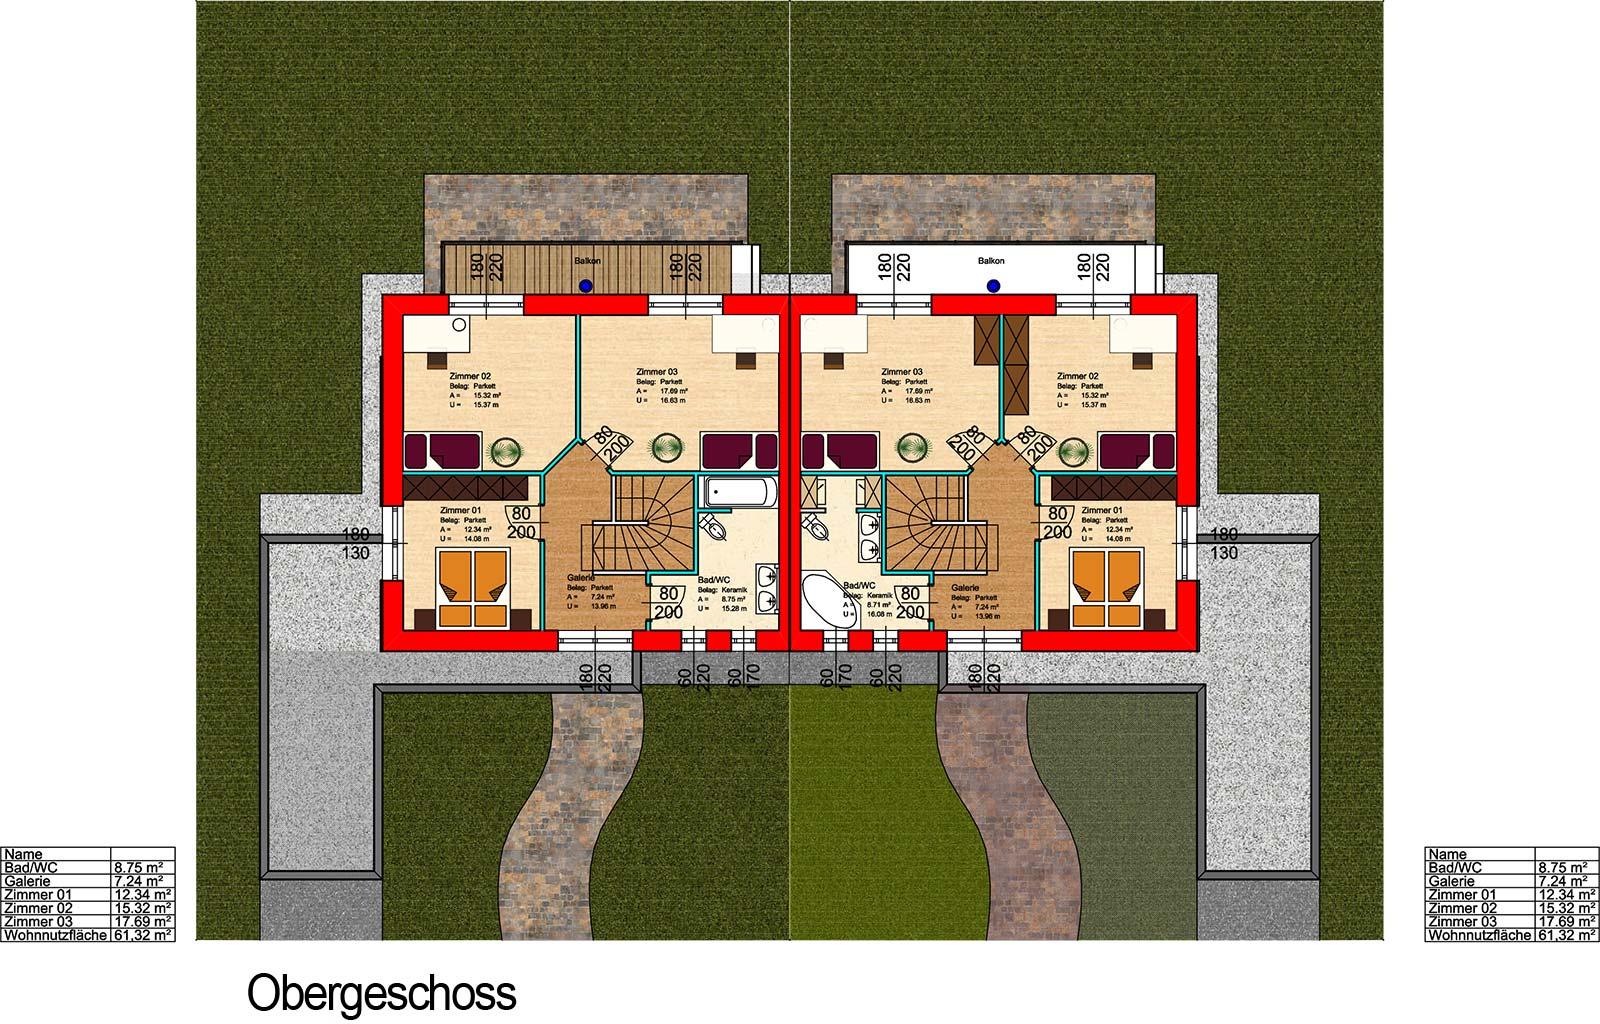 Mein Qualitätshaus-Mitterbach-Obergeschoss